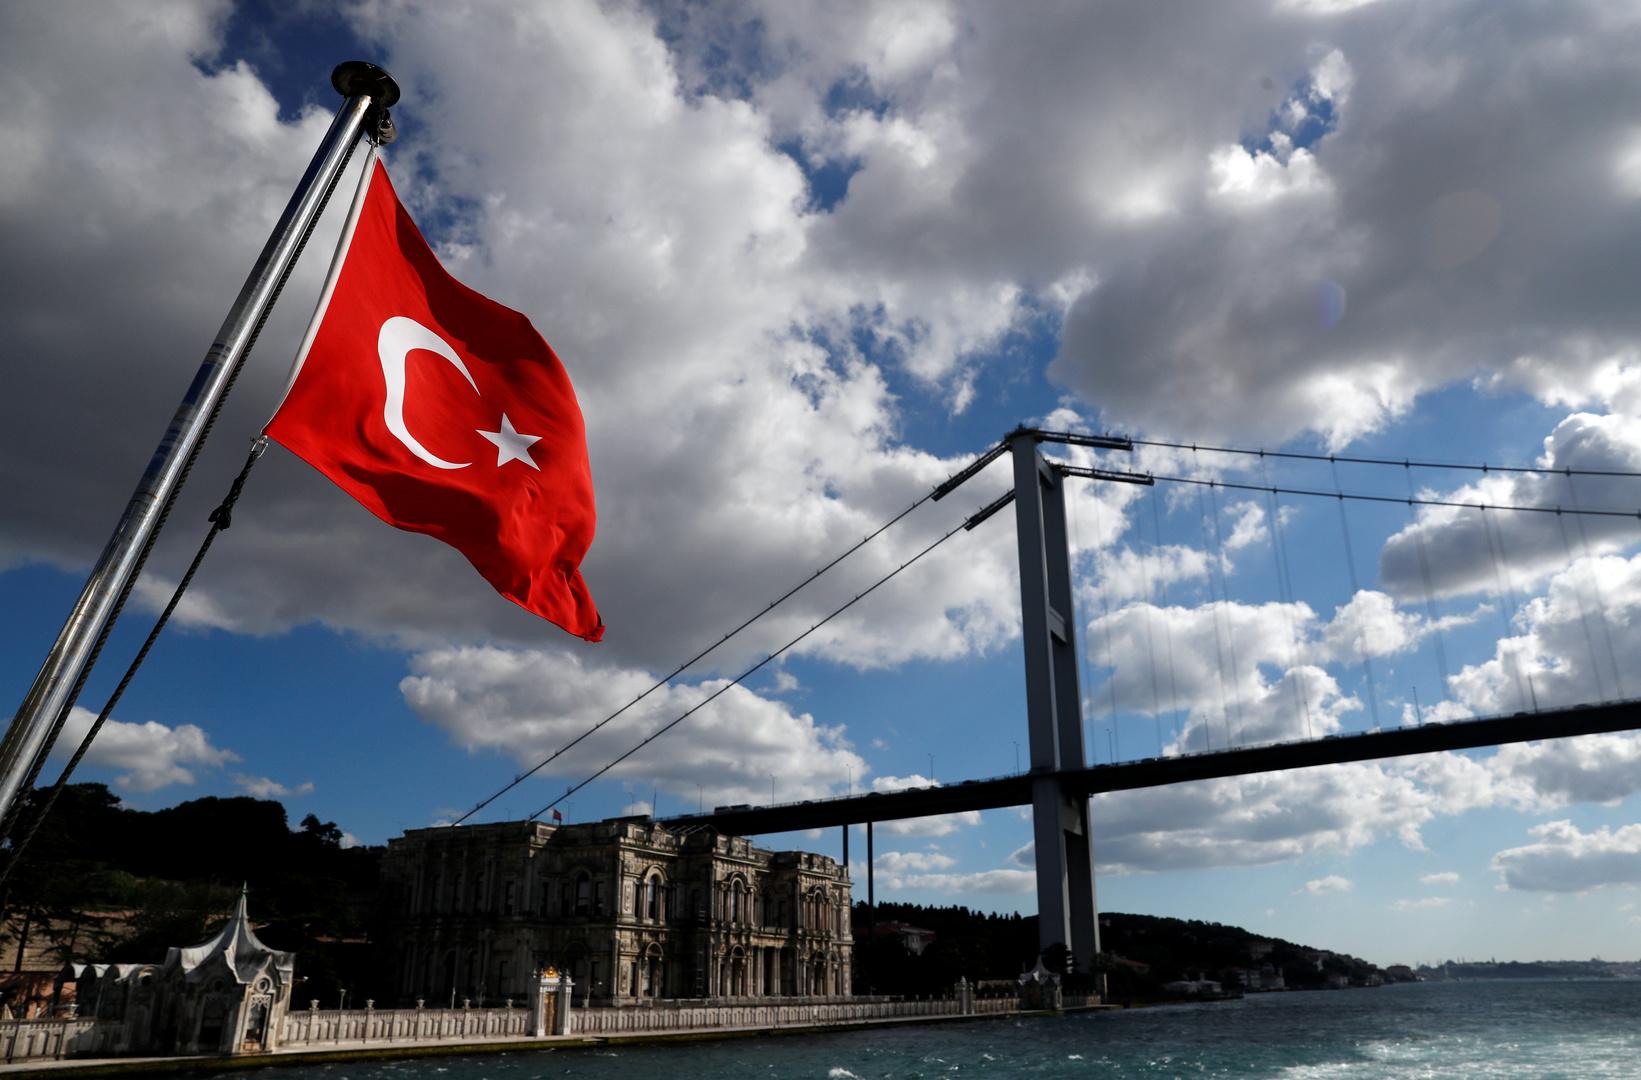 رئيس الوزراء التركي الأسبق يتهم أردوغان بـ